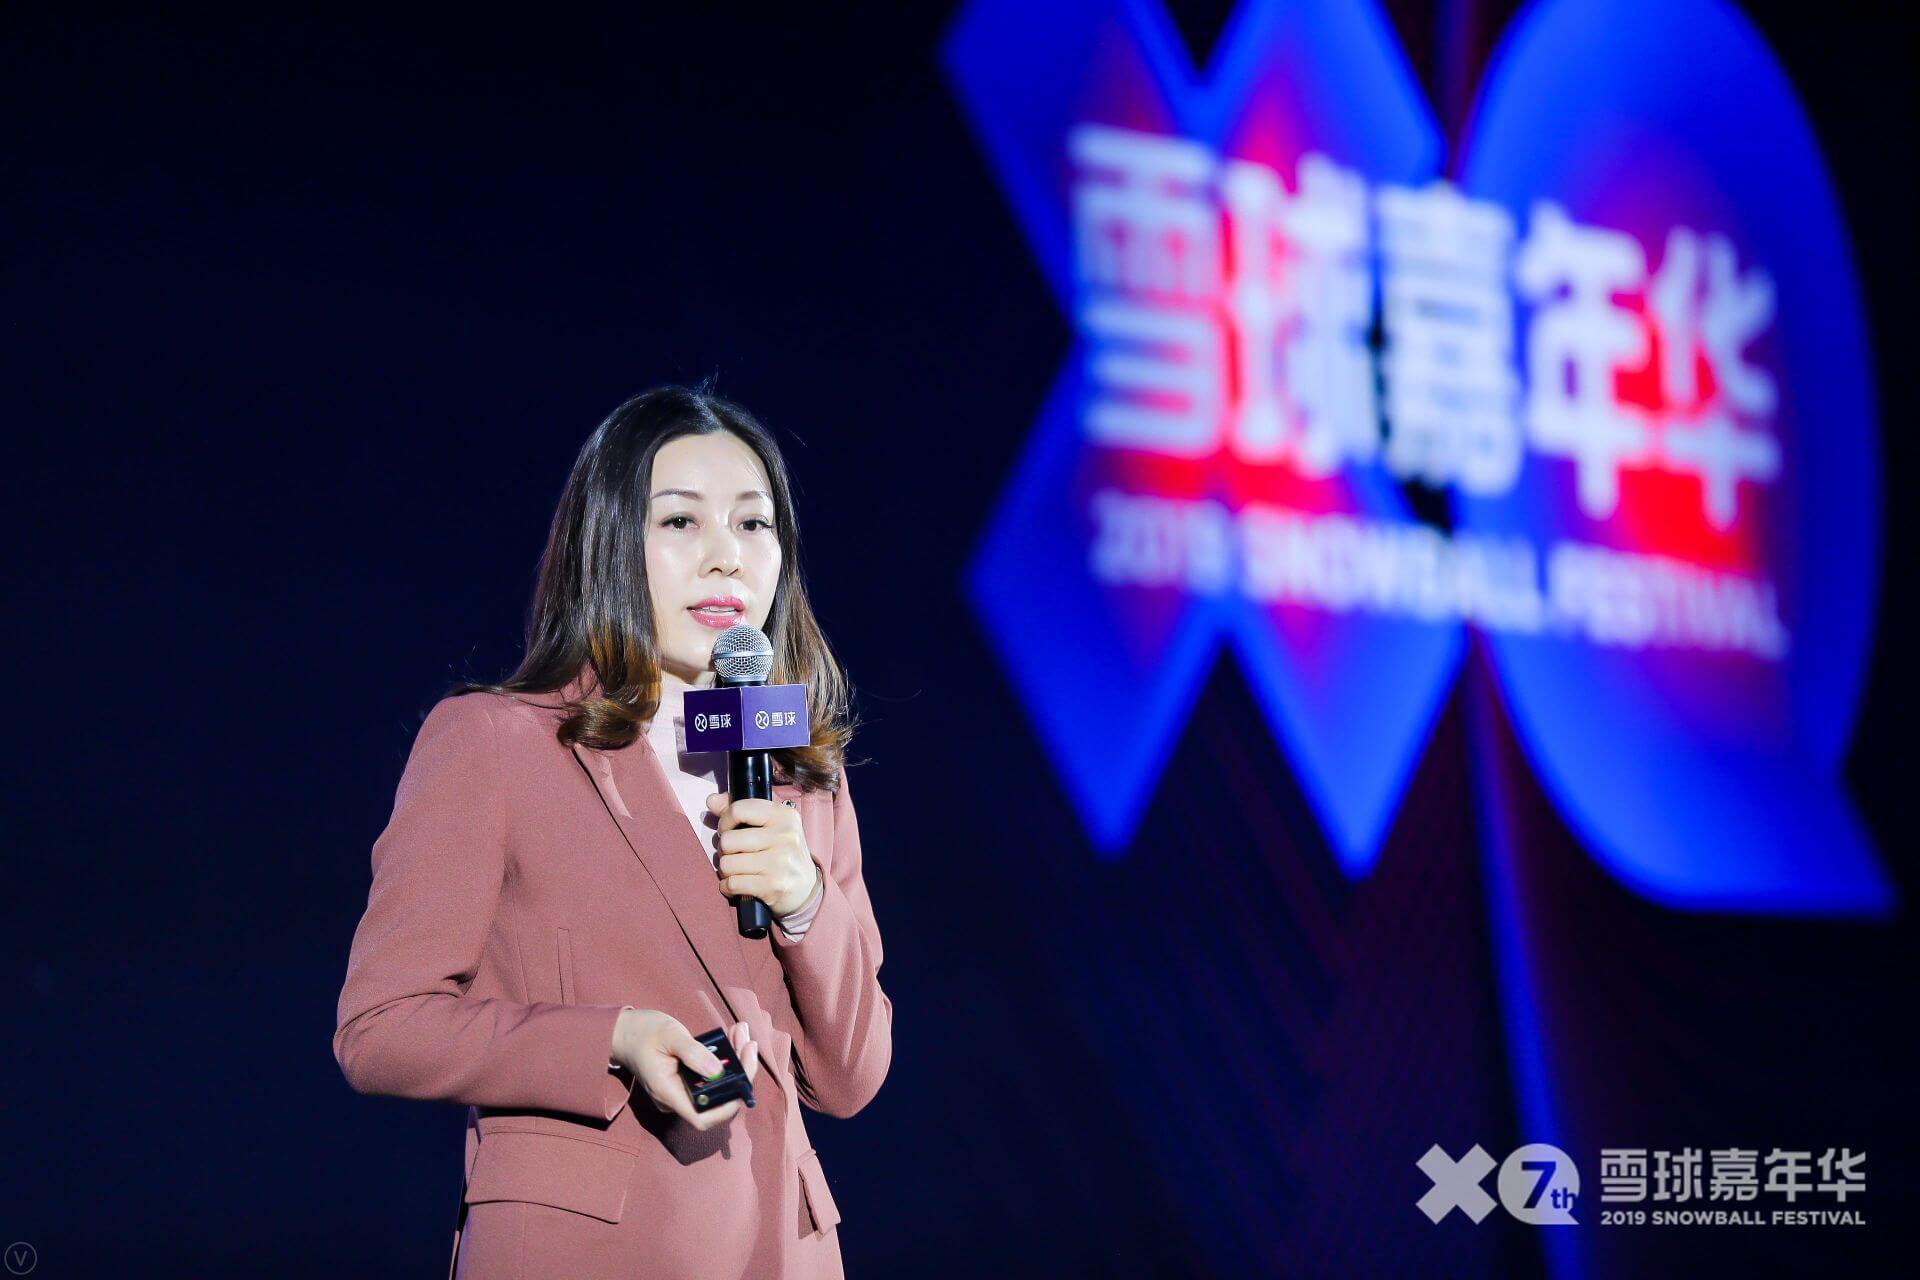 显示产业加速向中国迁移,TCL华星迈向技术及生态领先发展新阶段。